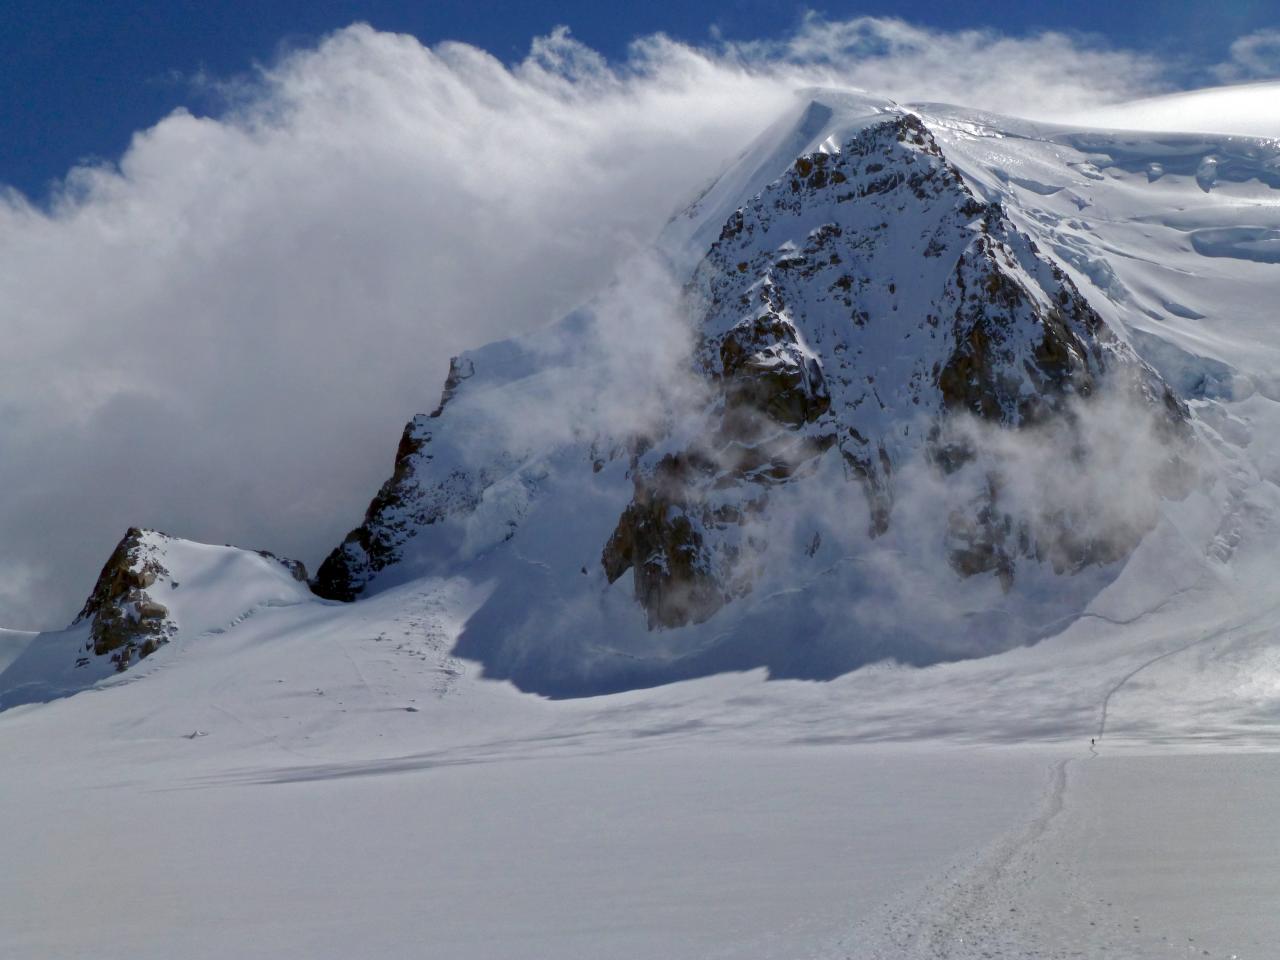 Mont Blanc du Tacul, 4248m